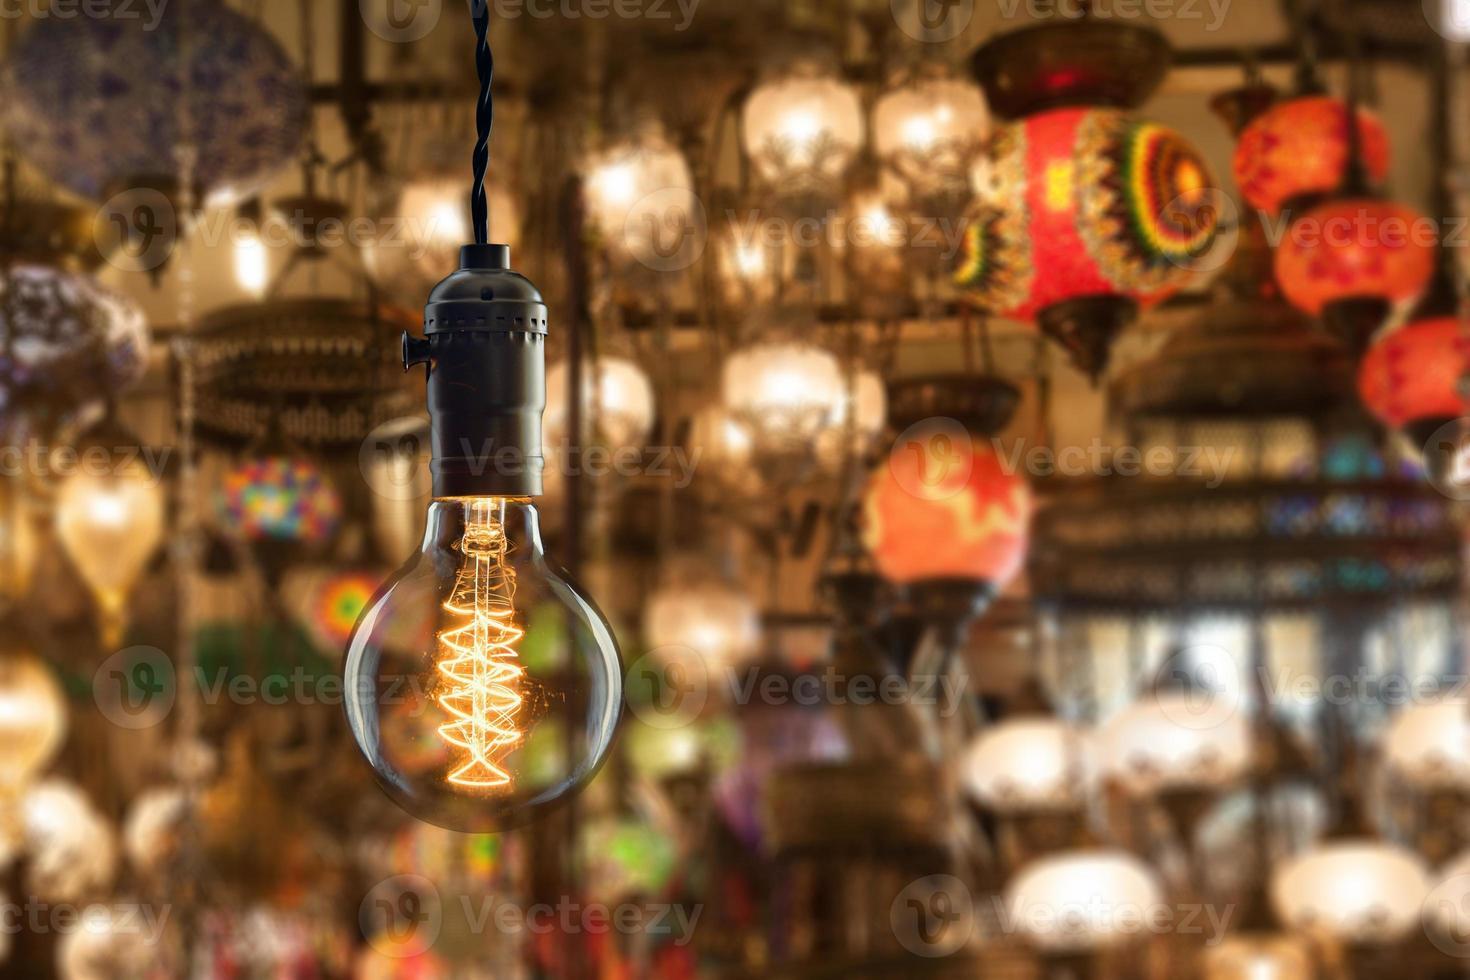 Bombilla incandescente vintage en el mercado de equipos de iluminación en Estambul foto